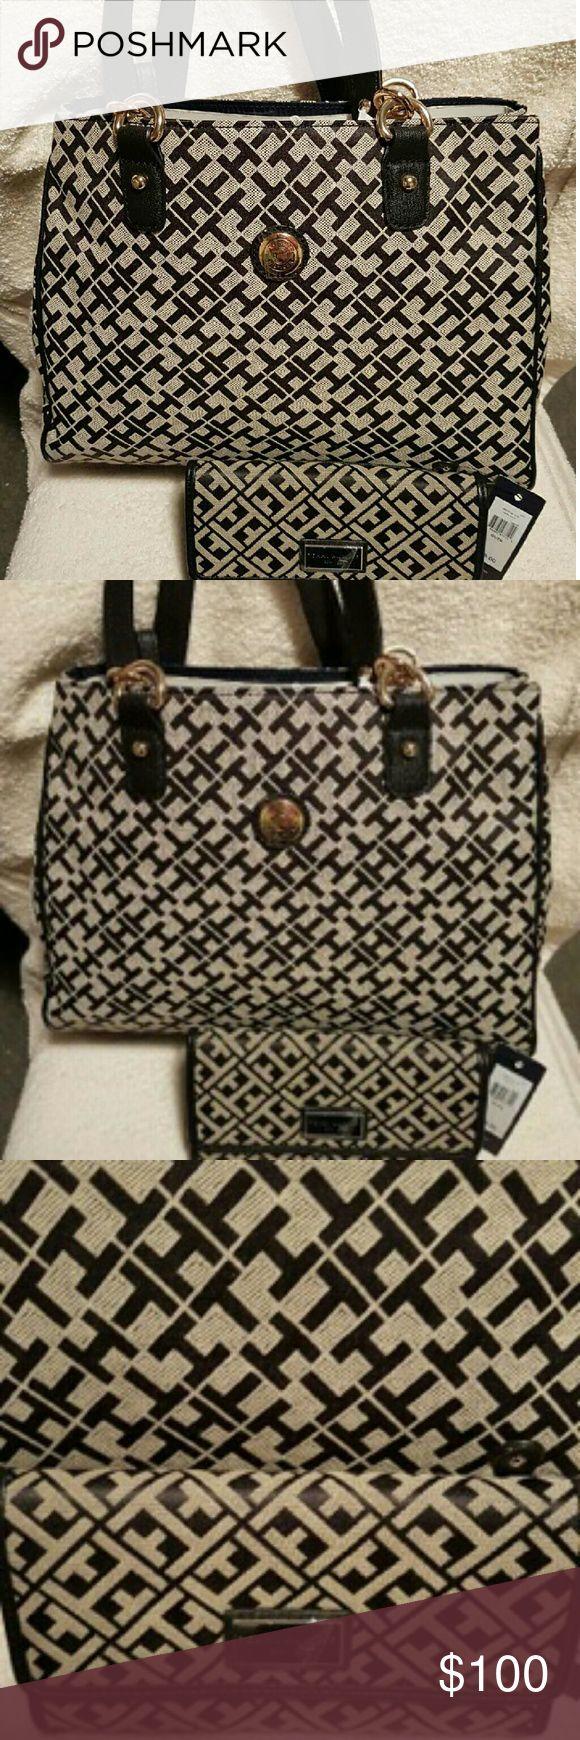 Set handbag and wallet Tommy Hilfiger Set handbag and wallet Tommy Hilfiger black and cream. Tommy Hilfiger Bags Shoulder Bags